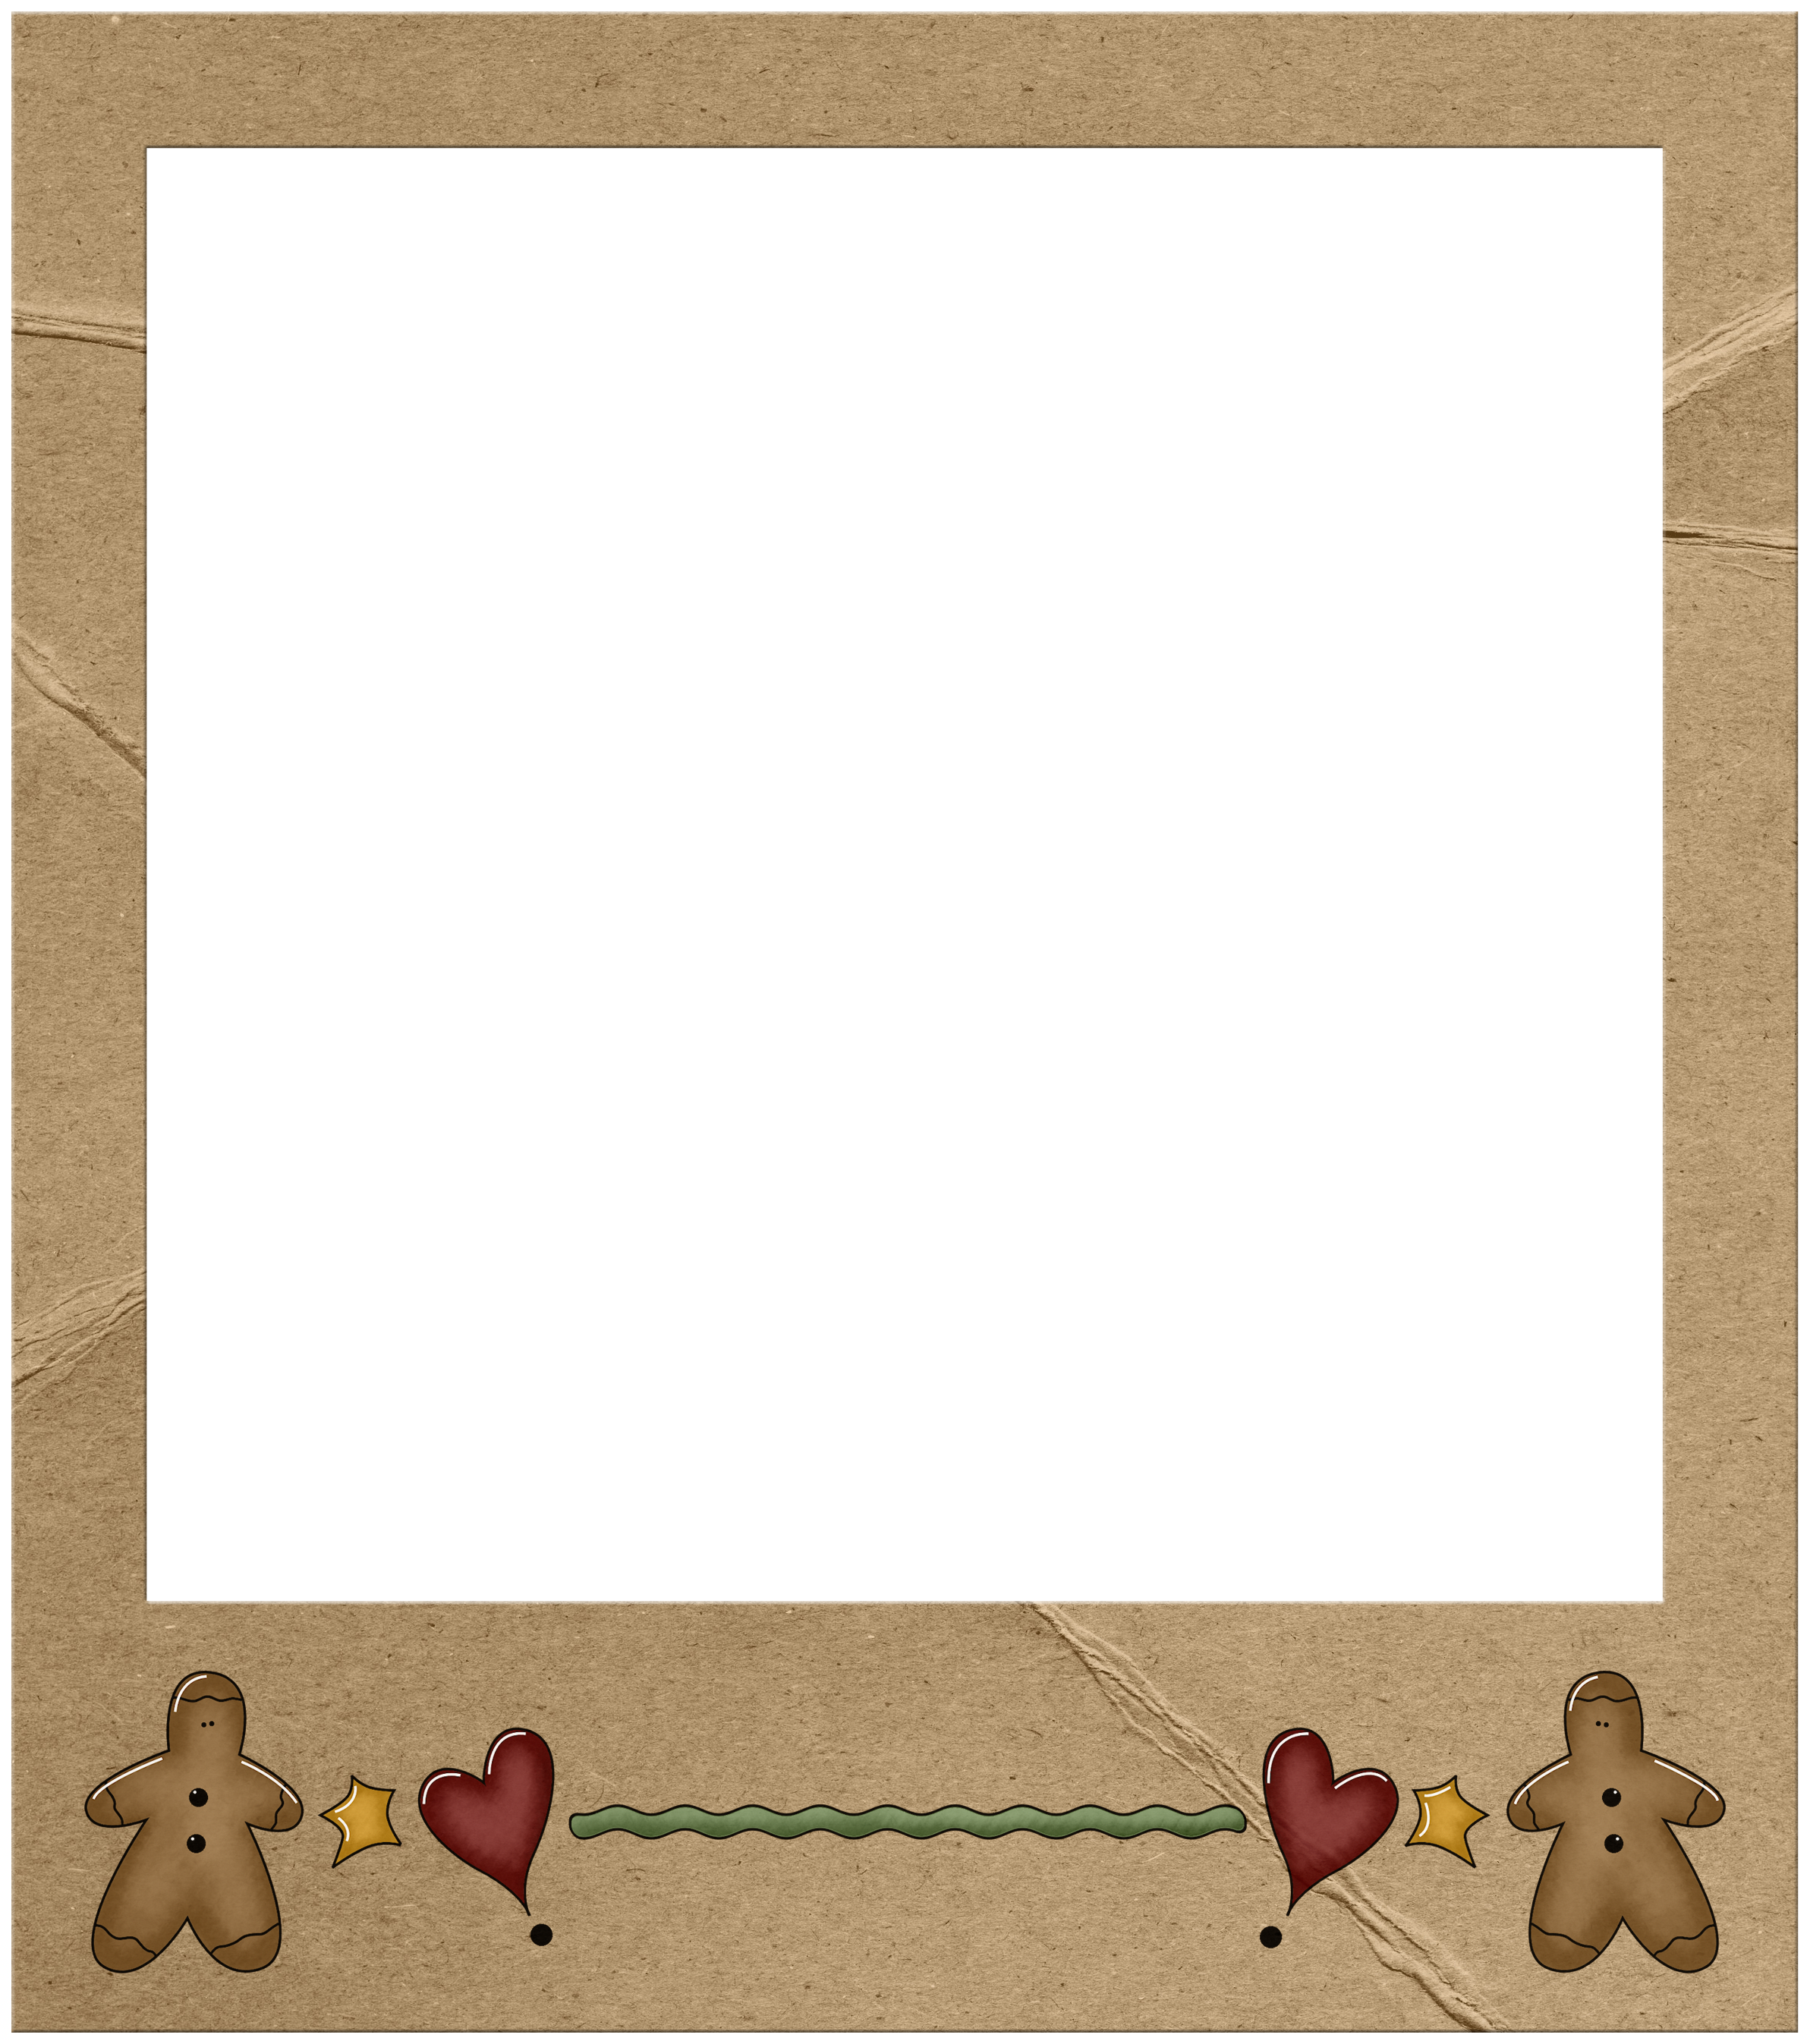 Clip art pinterest. Gingerbread clipart frame